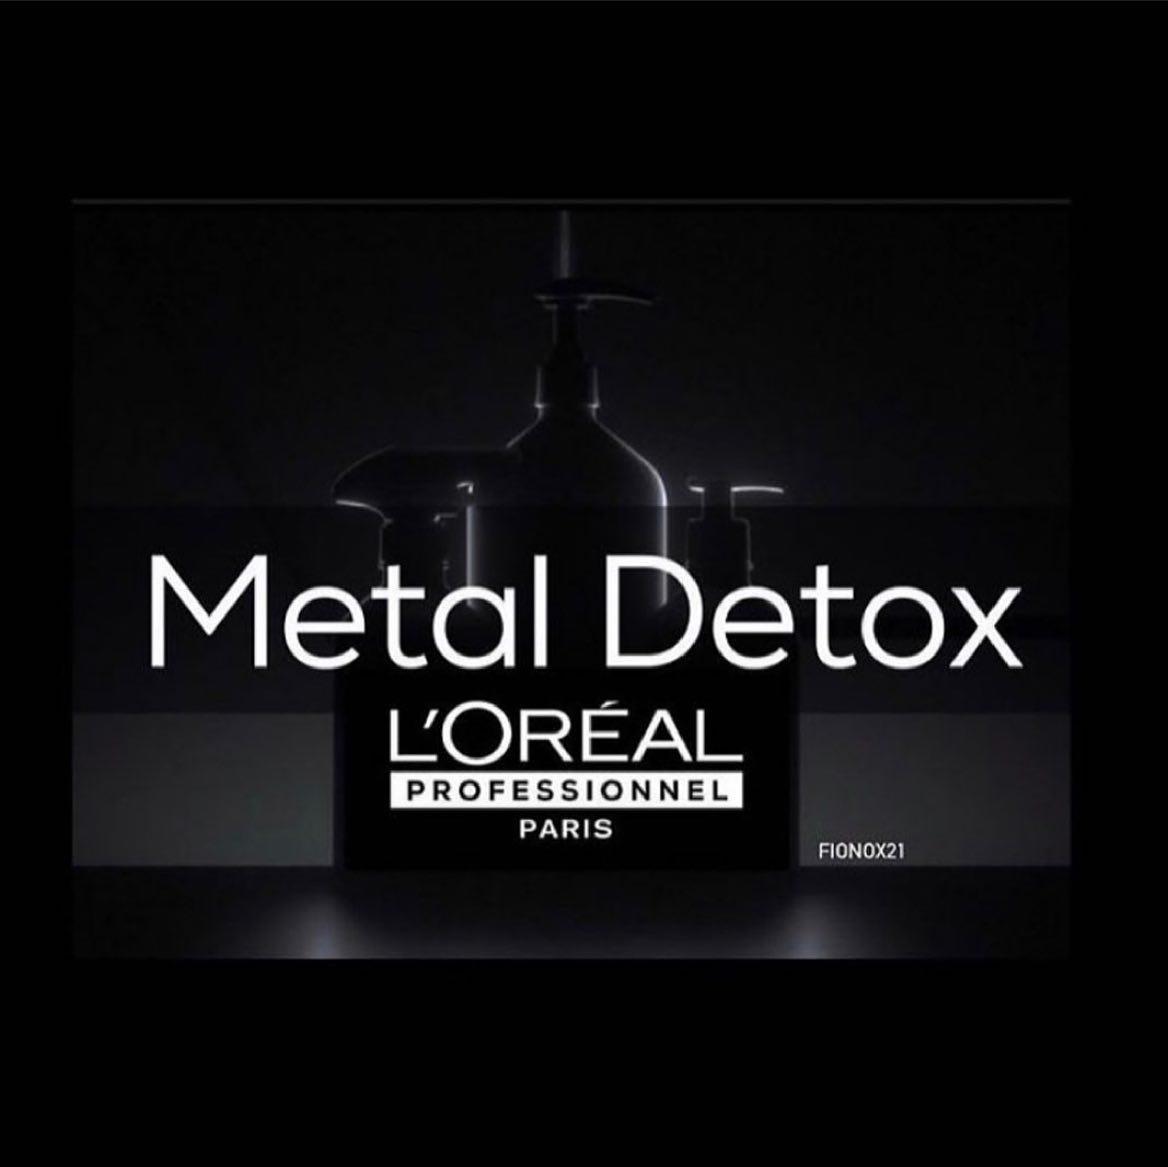 Gamme Metal-Detox de chez L'Oréal